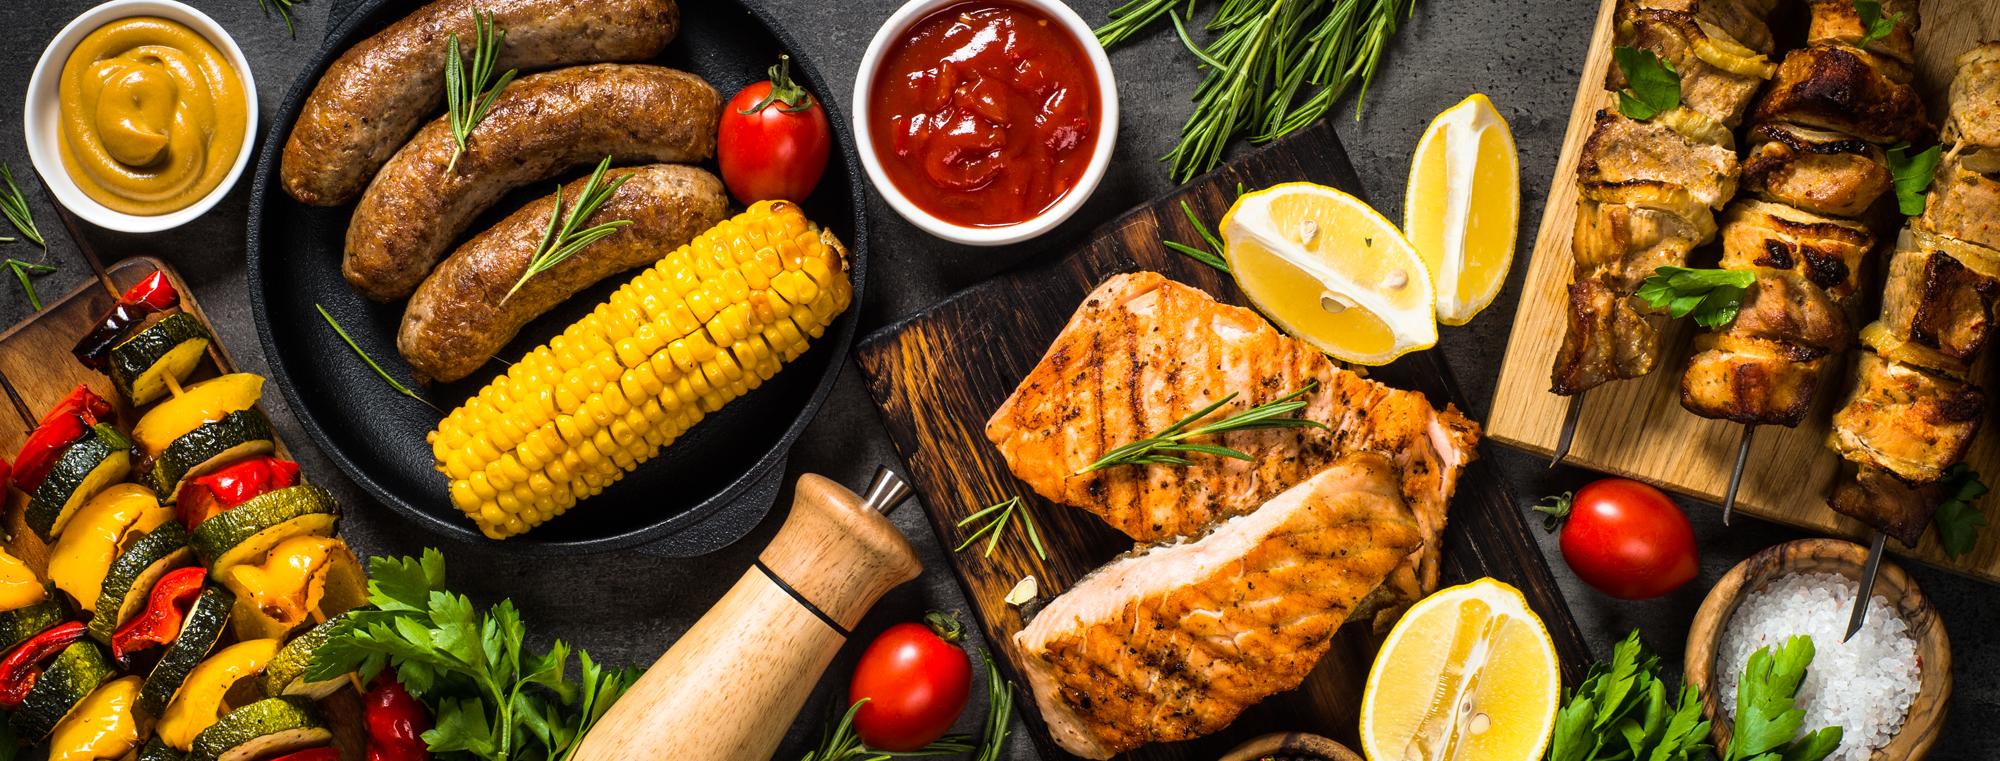 Herzhaft gewürzte Fleischspezialitäten nach Wahl